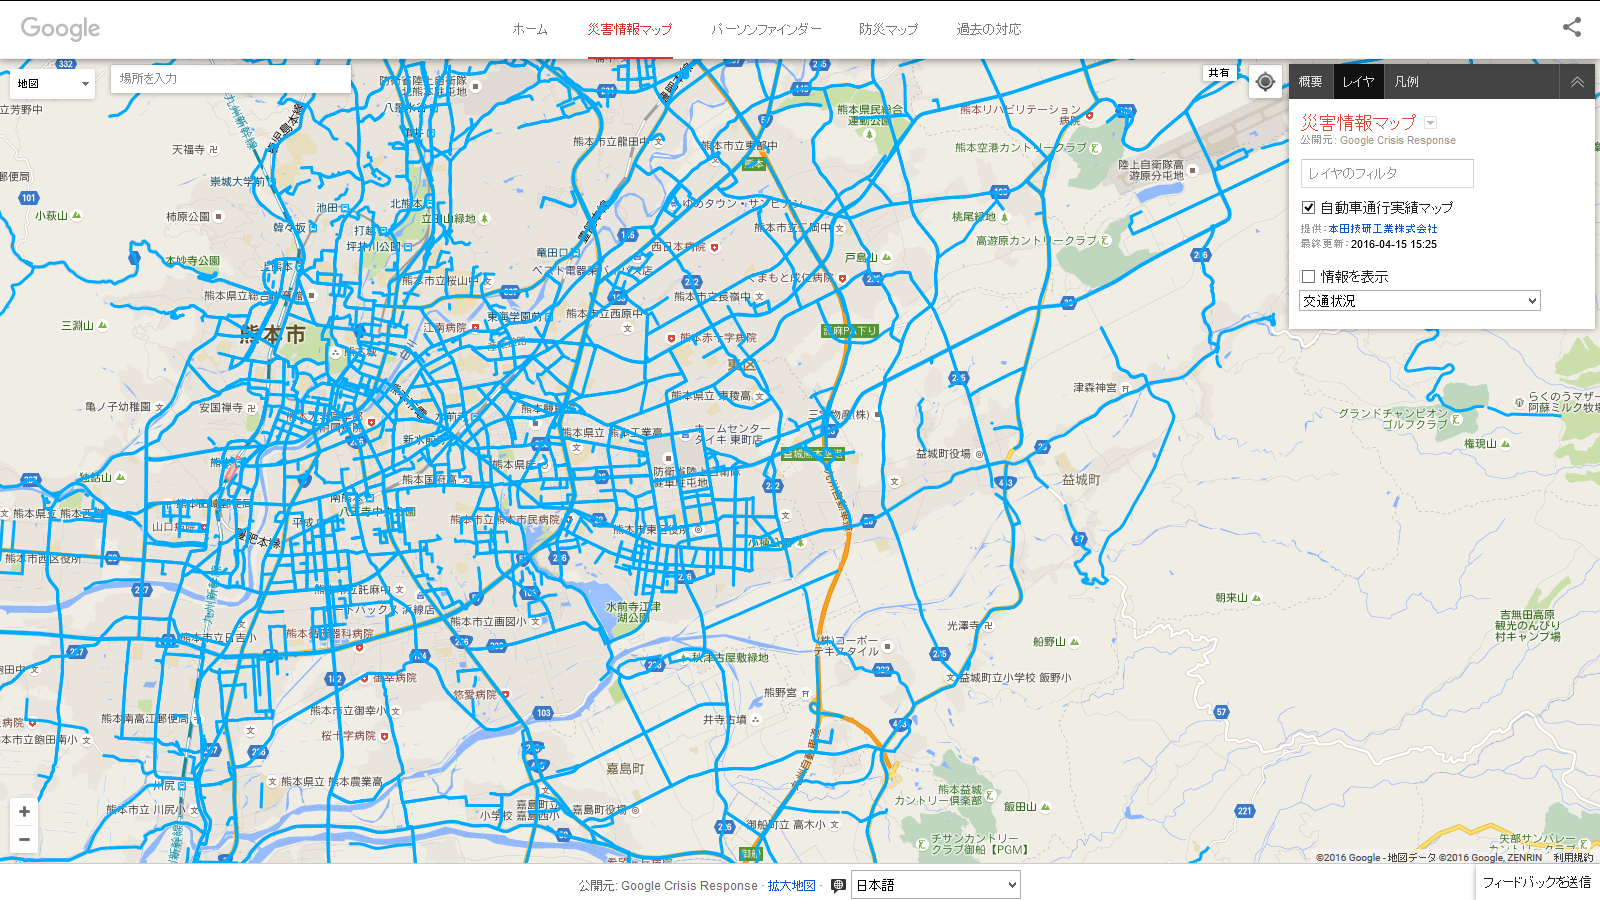 熊本地震被災エリアで自動車が通行できた道路を表示、「Google マップ」や「Yahoo!地図」で開始 -INTERNET Watch